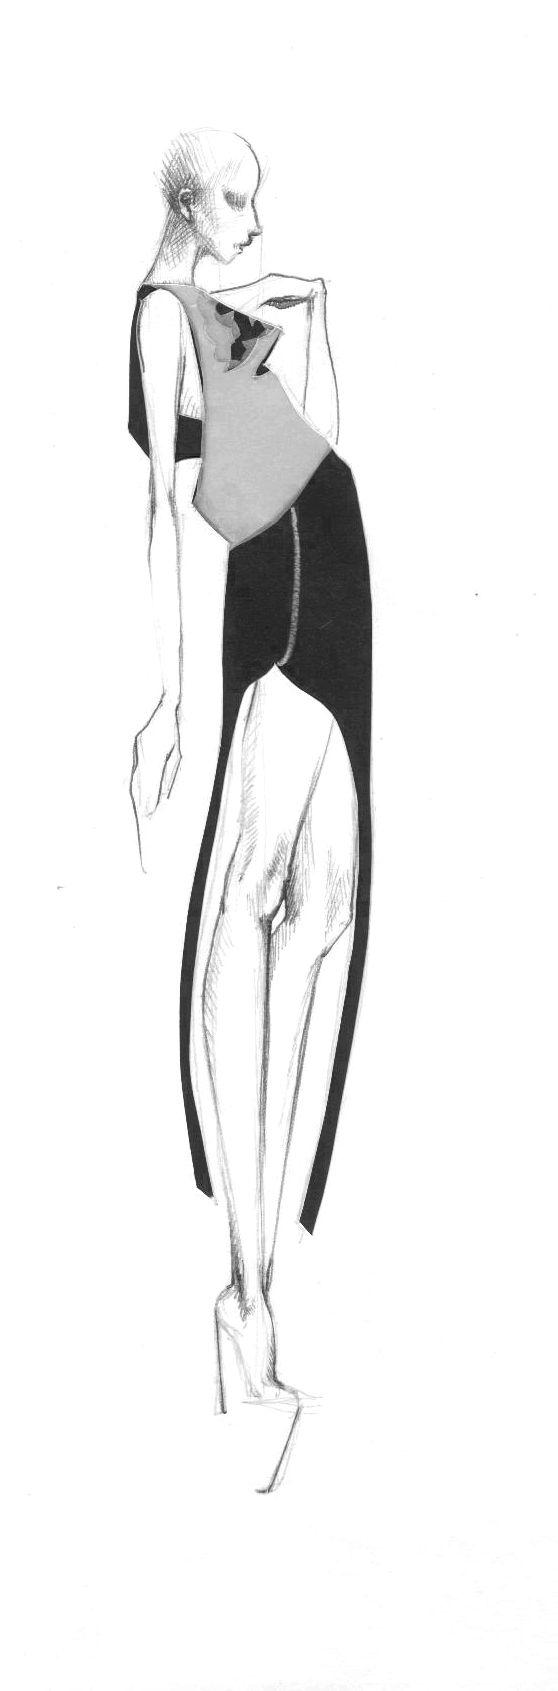 Okolo Své Osy - Módní Ilustrace Módní ilustrace anebFashion Illustration Ilustrace je součástí módníkolekce Okolo své osyaneb 'What goes around, comes around...' Originál Velikost: A4 Materiál: Tvrdý bílý papír, kopírovací papír, černý papír Styl: vrstvení, vařezávání, kresba tužkou